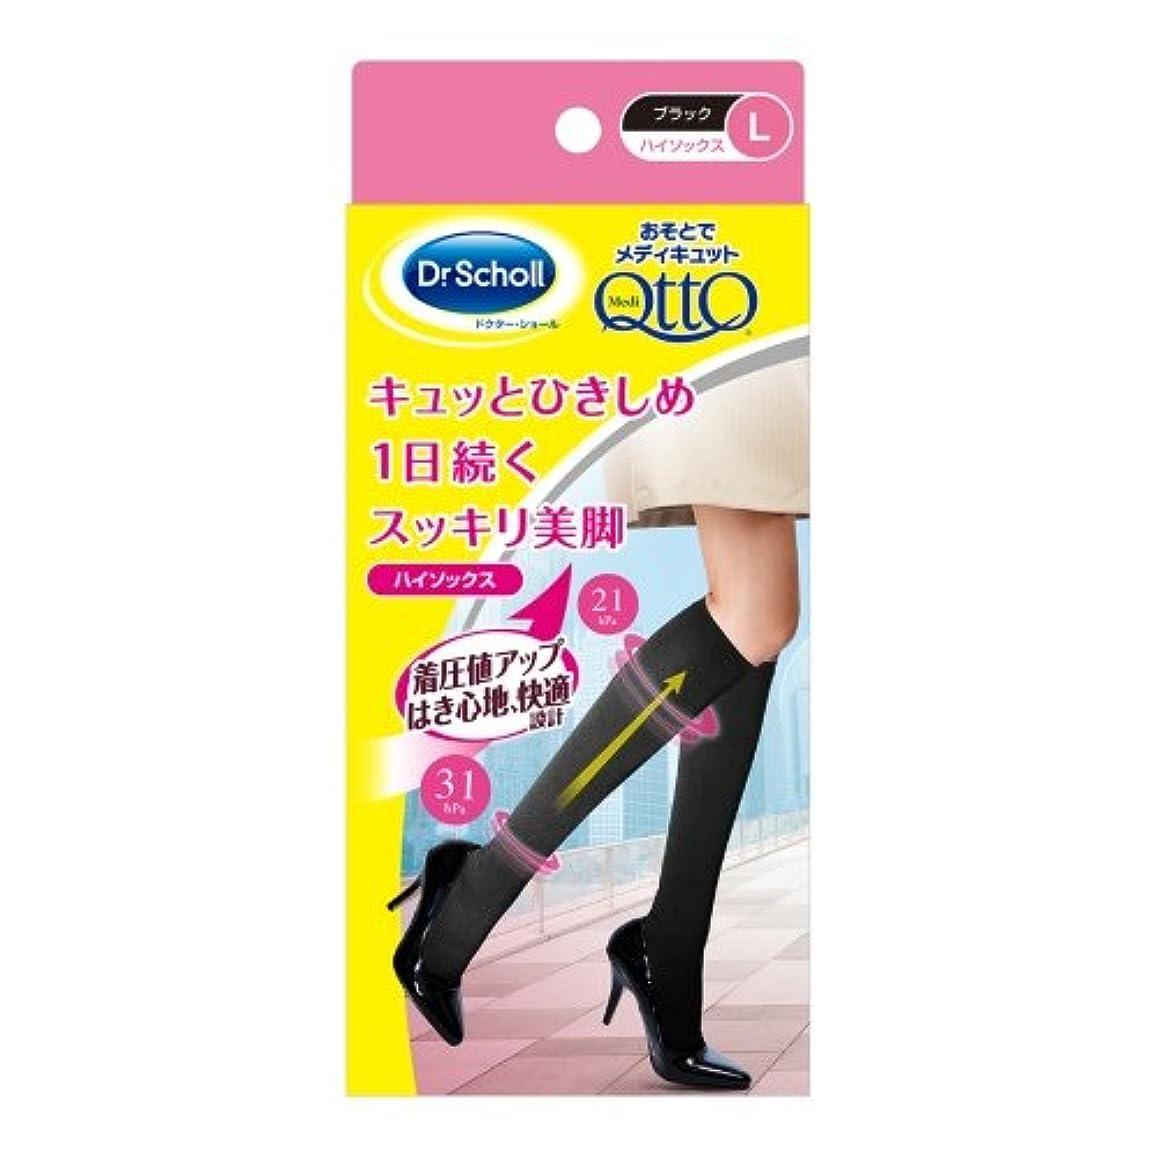 マットレスペルメル挑発するおそとでメディキュット ハイソックス L (MediQtto high socks L)